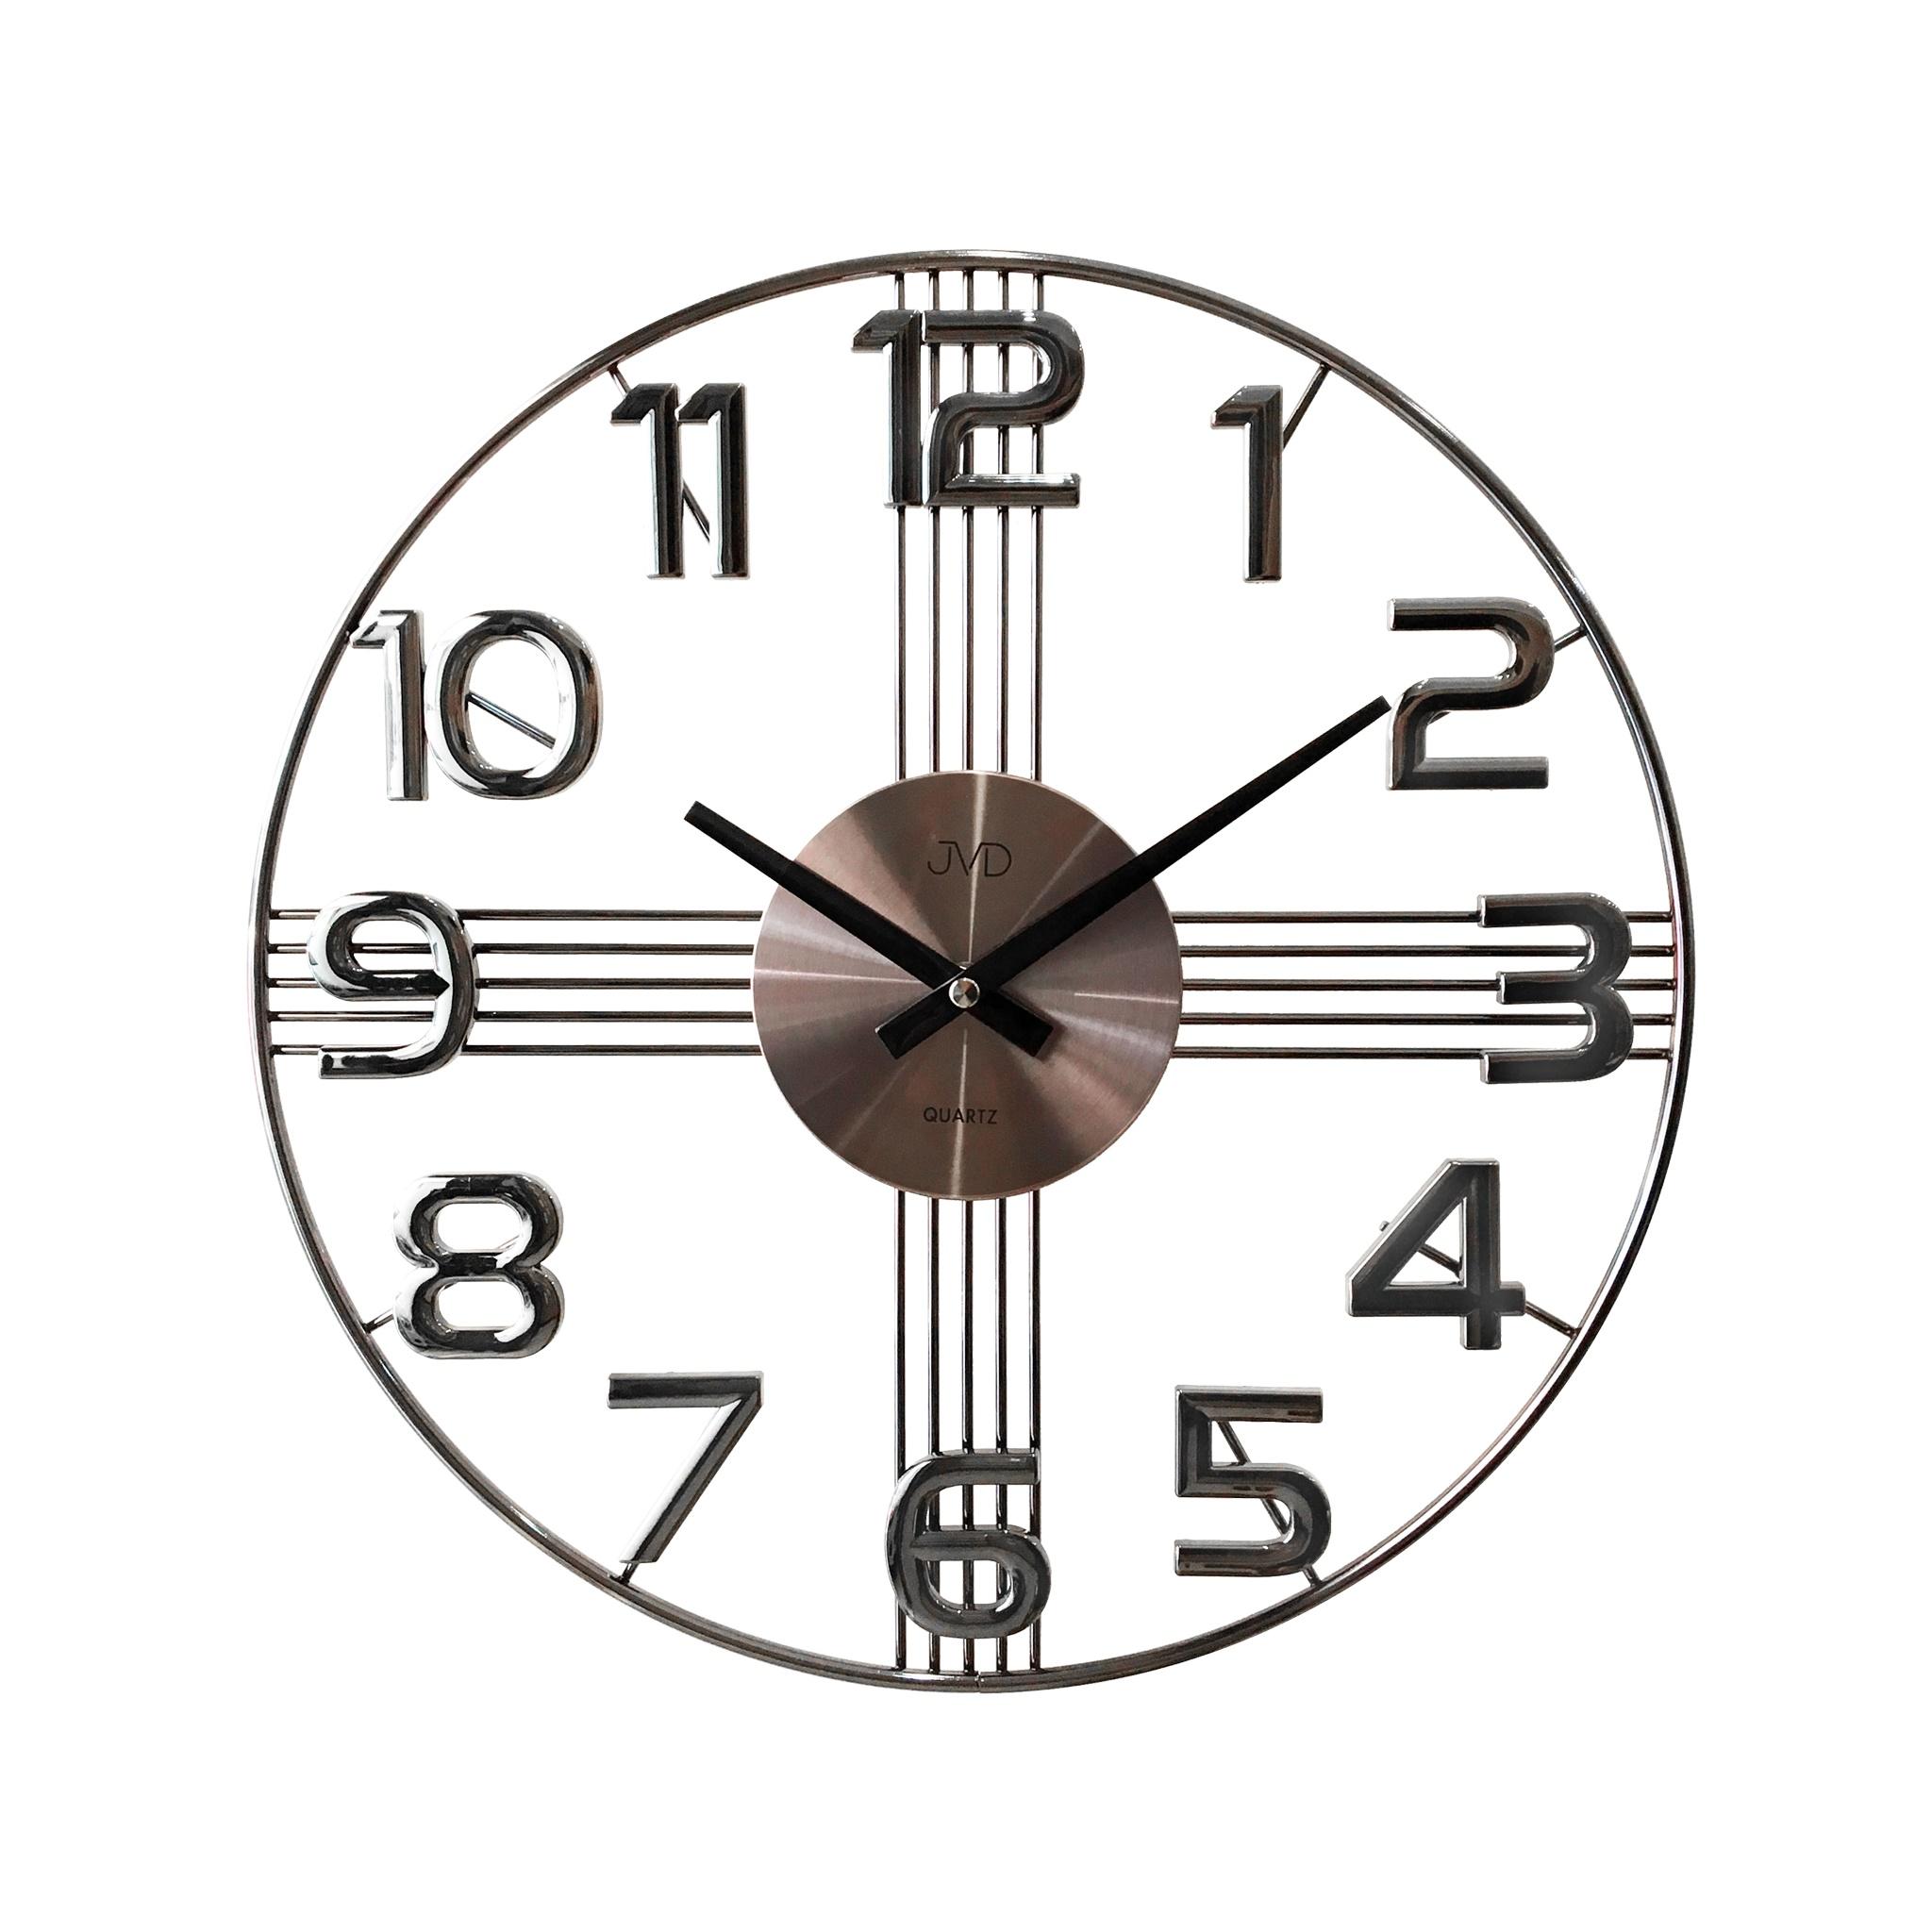 Designové kovové luxusní nástěnné hodiny JVD HT051.4 do moderního bytu - II. jakost (POŠTOVNÉ ZDARMA!!)